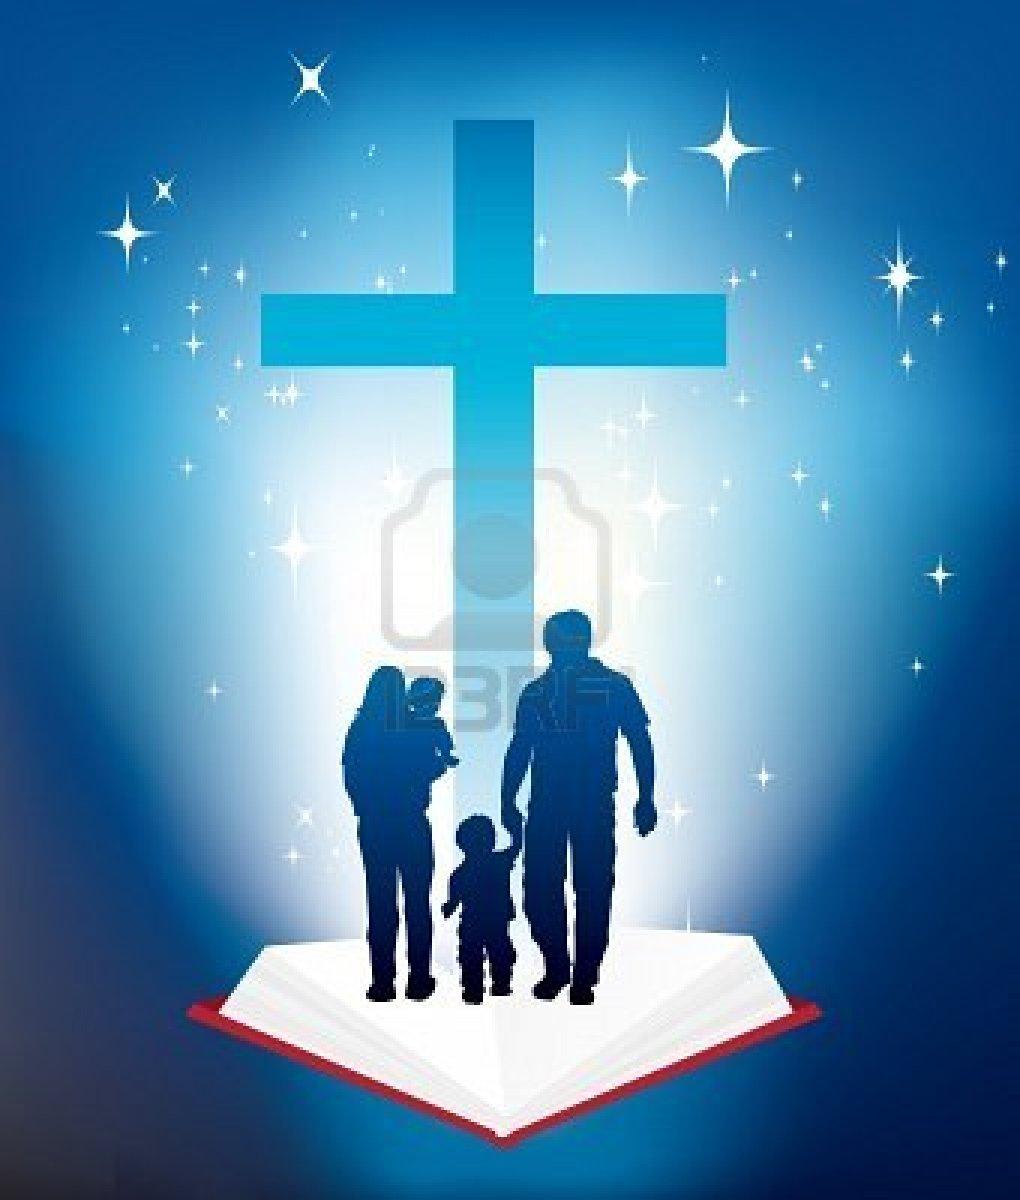 Biblia Matrimonio Familia : Lectio divina el vaticano recuerda que la familia es más